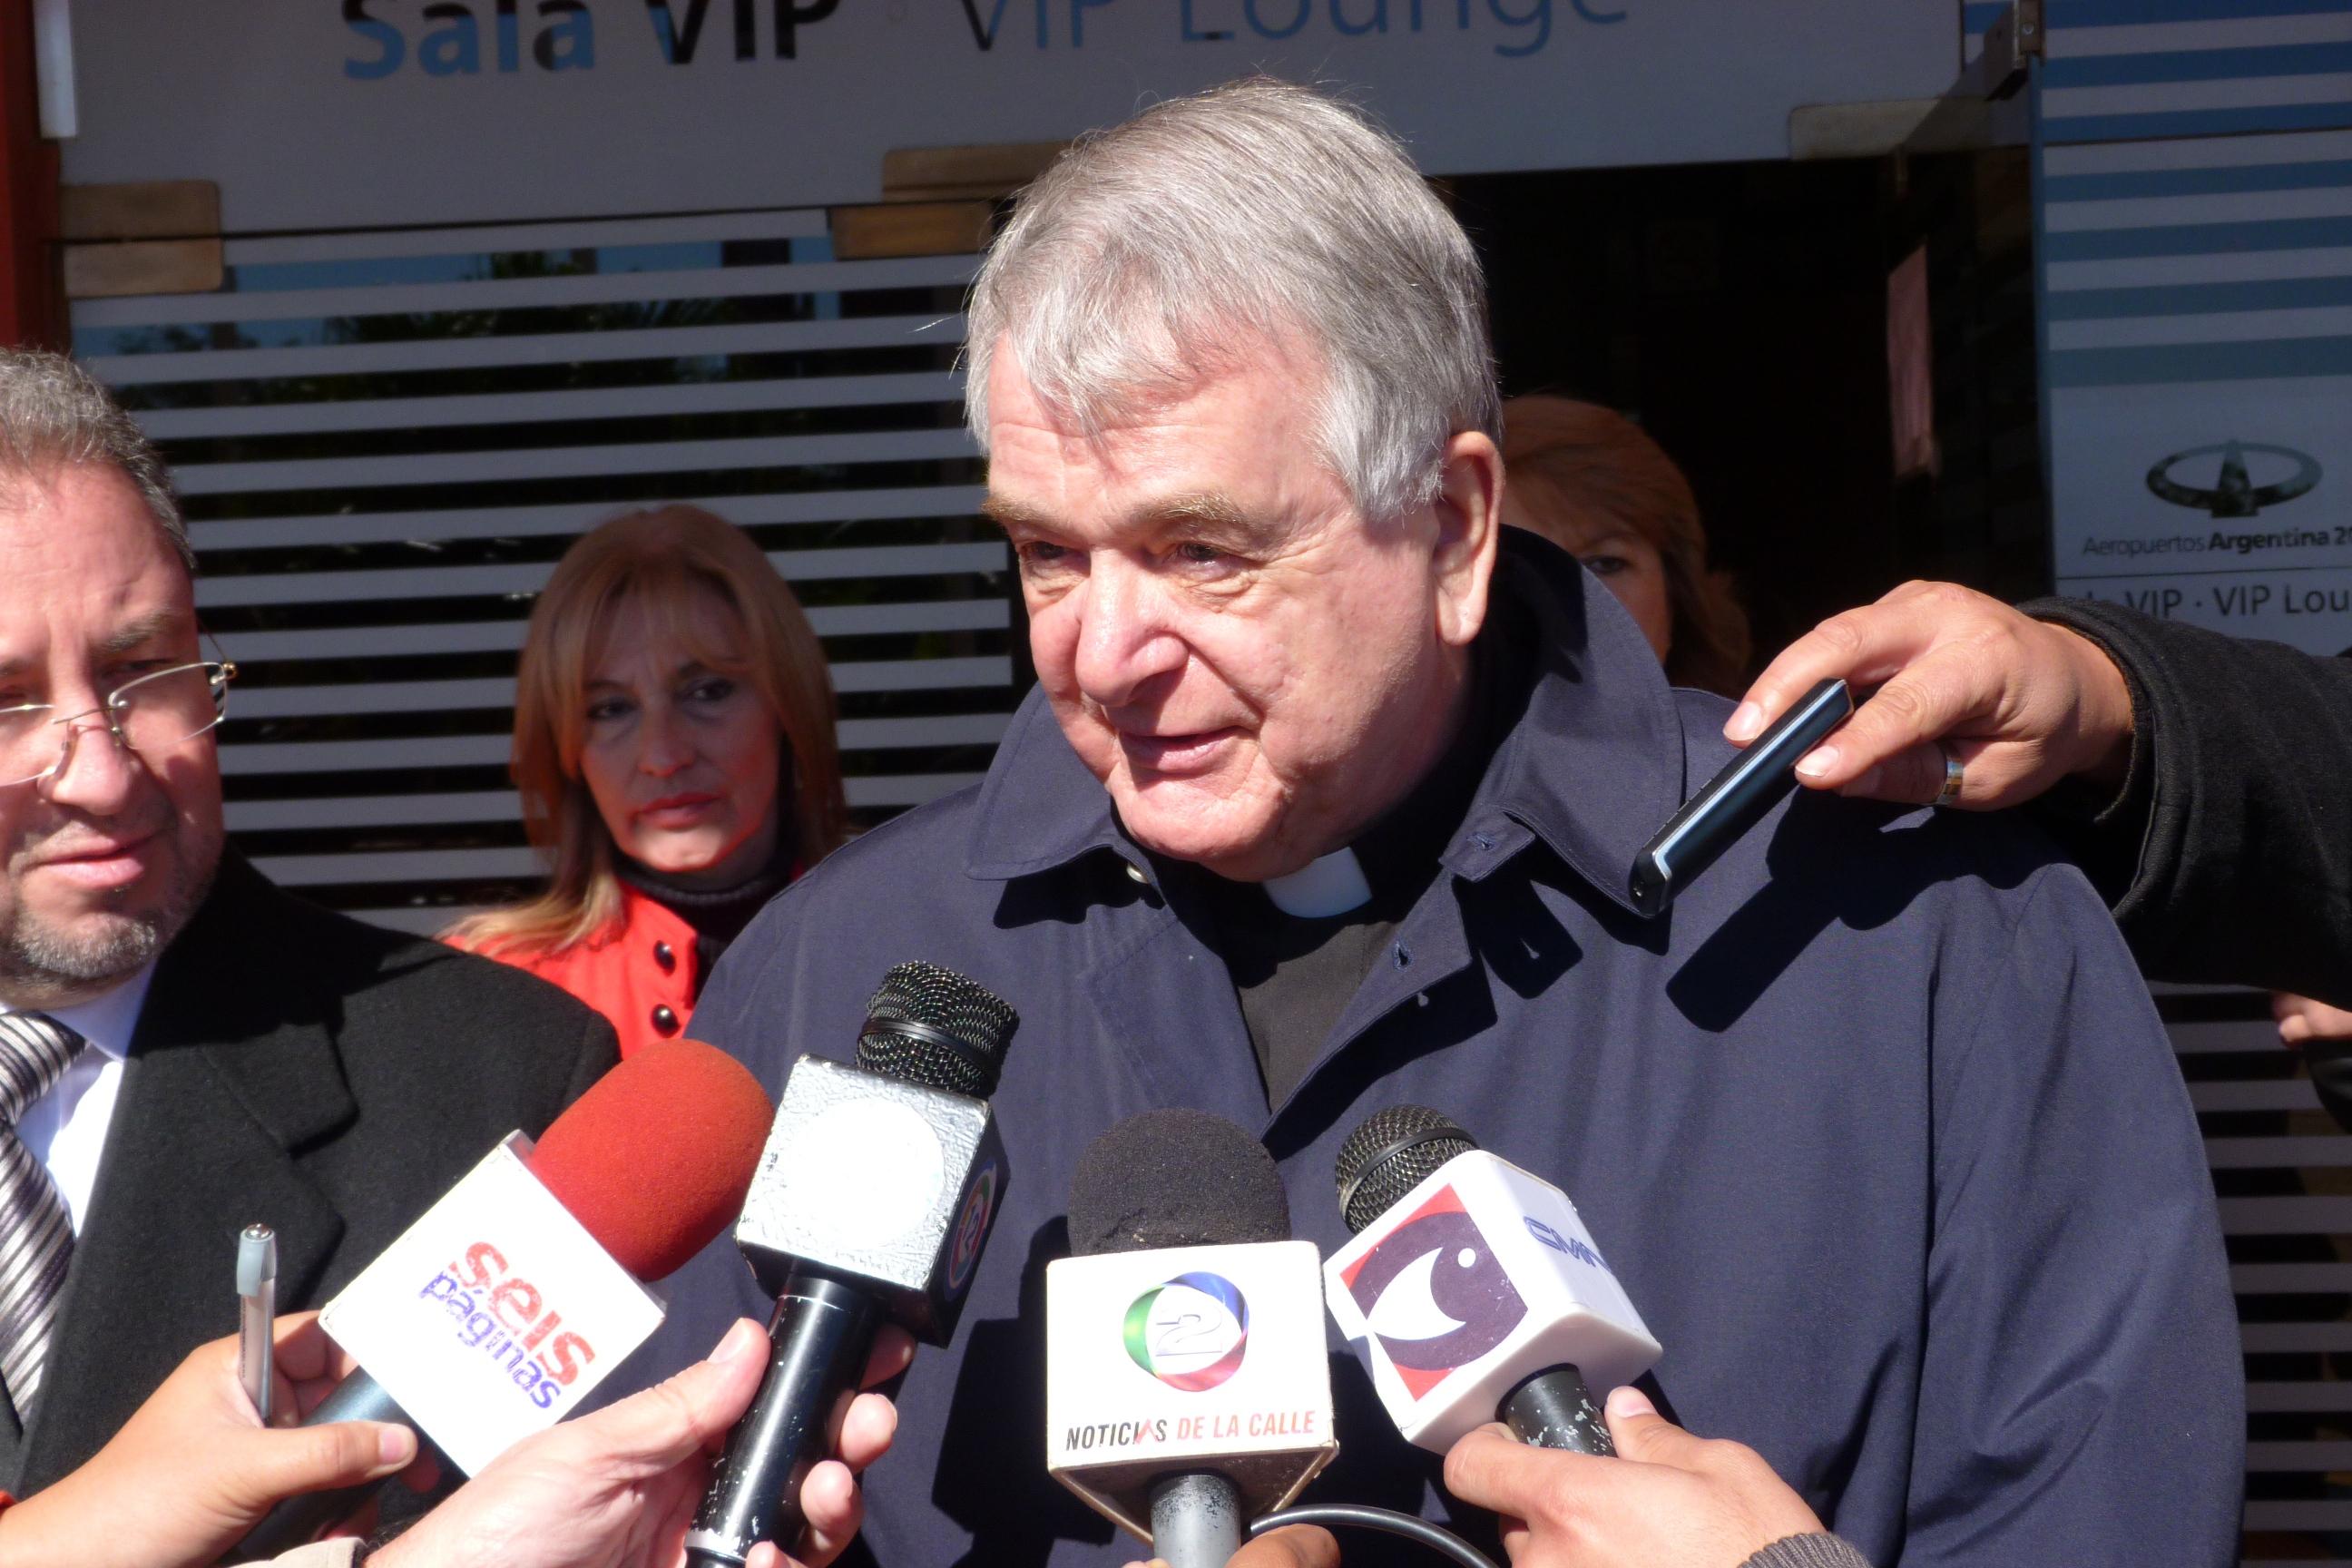 El Nuncio Apostólico fue recibido por autoridades en el aeropuerto de Posadas.